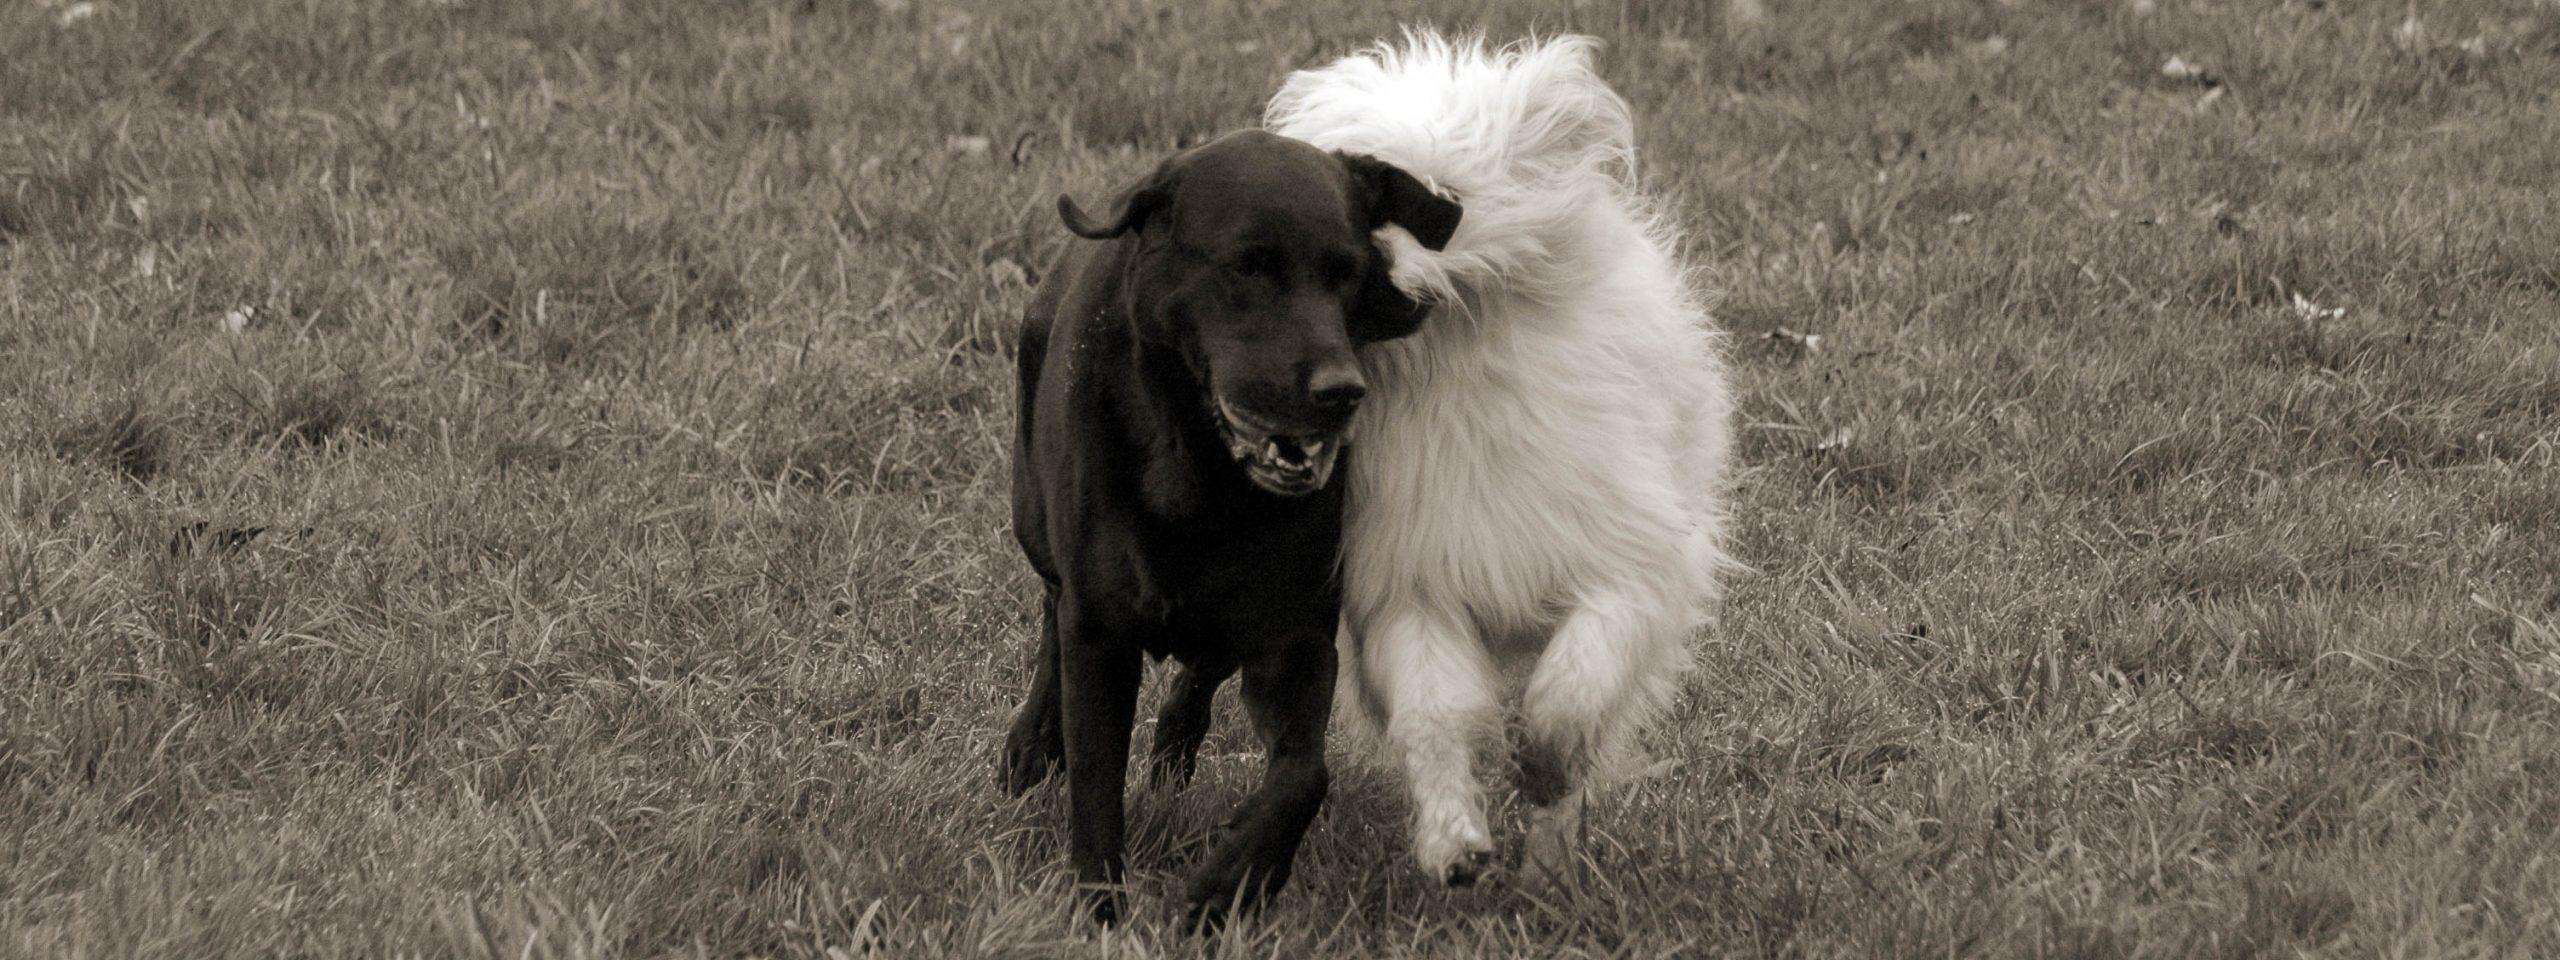 zwei Hunde spielen miteinander, der eine hat einen Ball im Maul